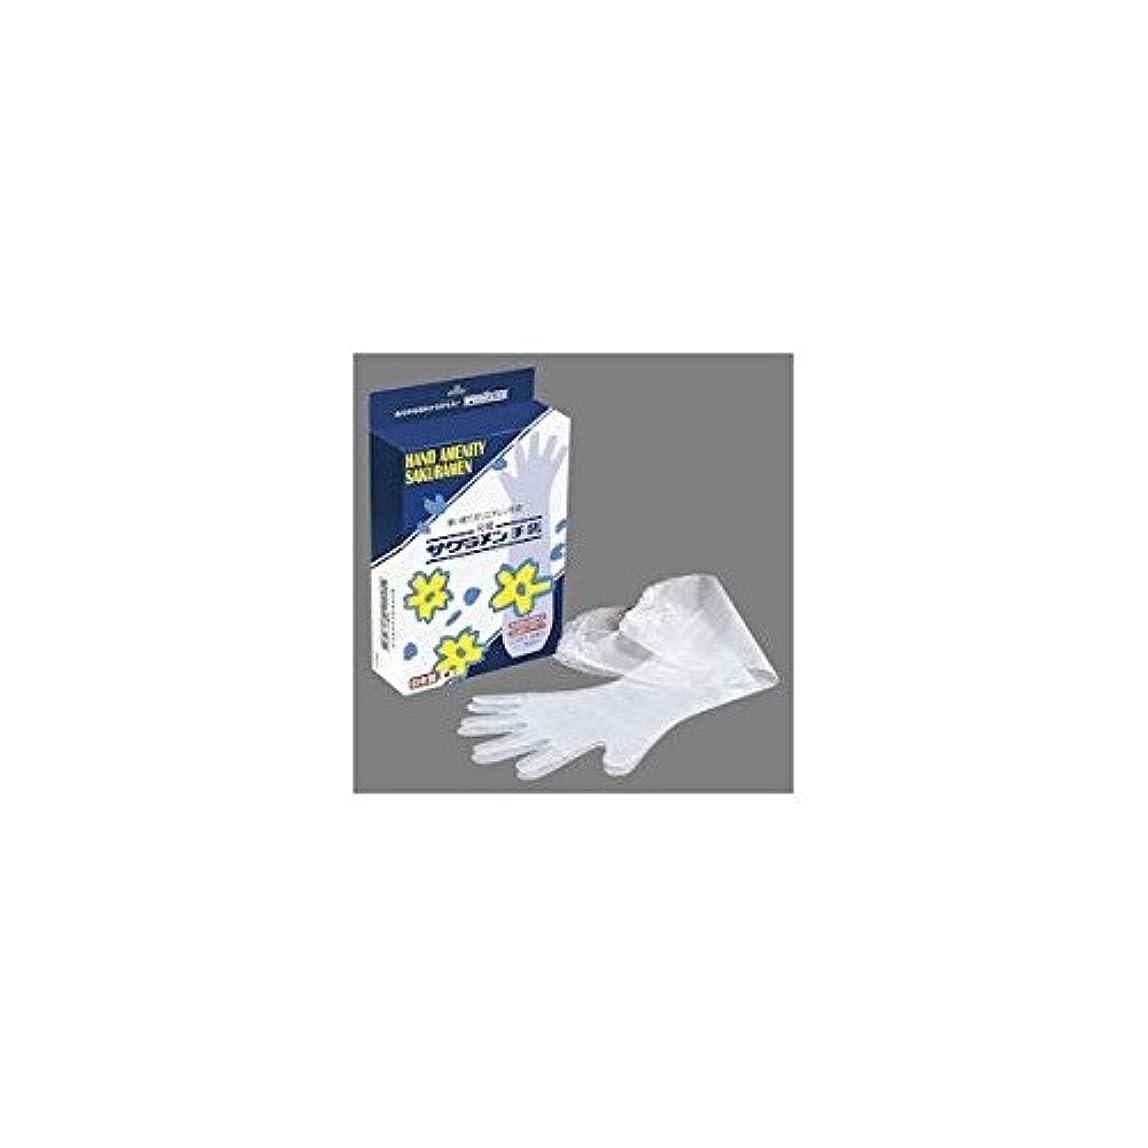 電子レンジリス増幅するサクラメン ゴム付ロング手袋(30枚入)40μ